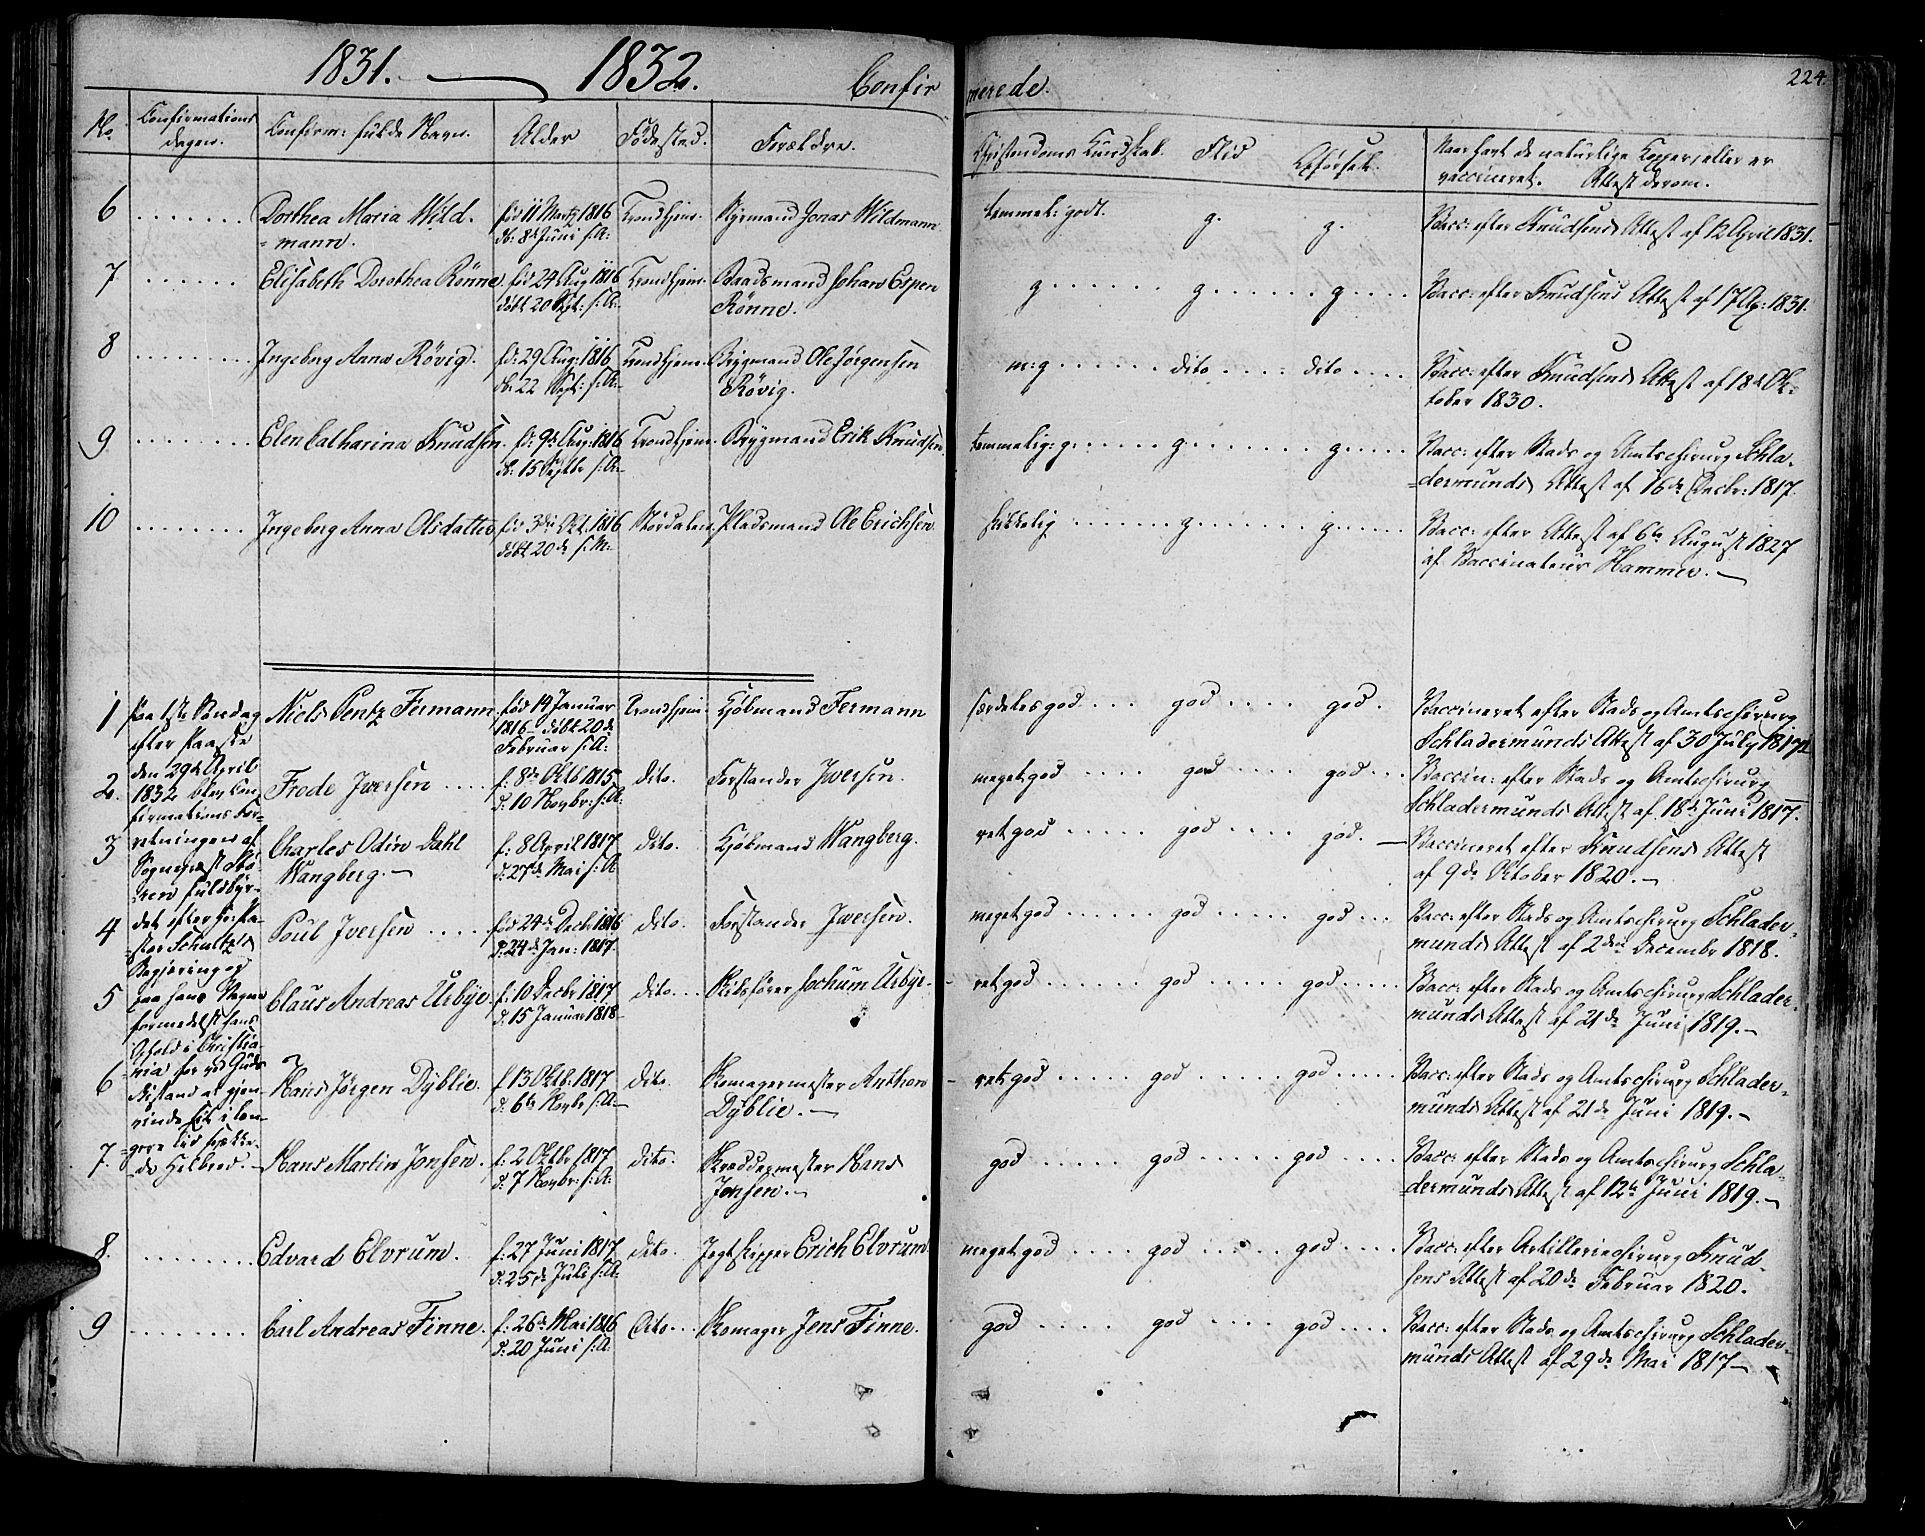 SAT, Ministerialprotokoller, klokkerbøker og fødselsregistre - Sør-Trøndelag, 602/L0108: Ministerialbok nr. 602A06, 1821-1839, s. 224